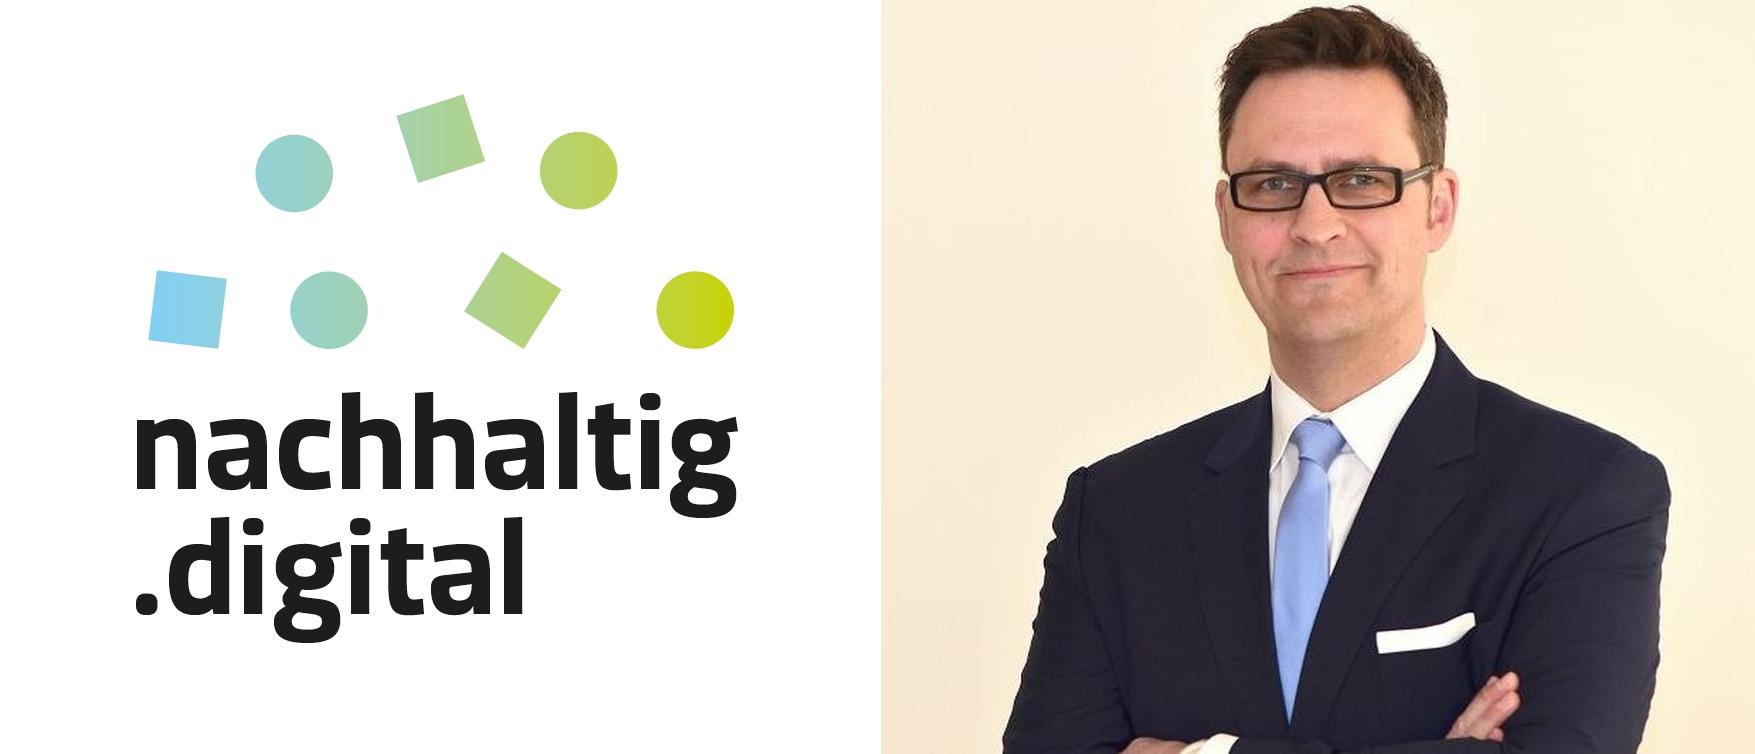 nachhaltig.digital carl-ernst Müller